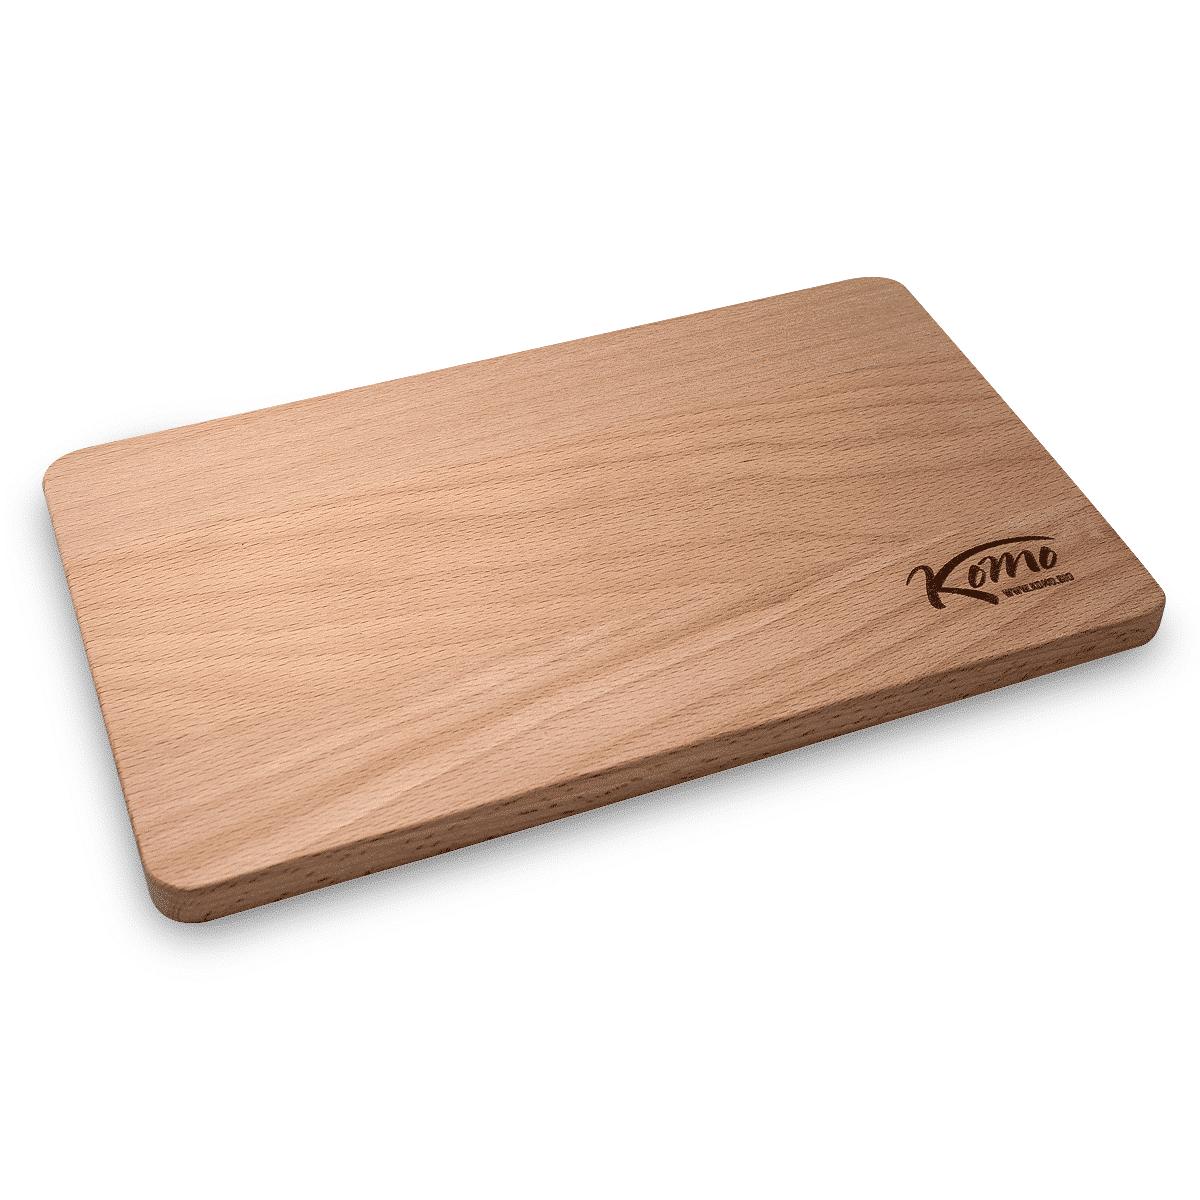 Optional: Holz-Schneidebrett für NUR 5 € Aufpreis